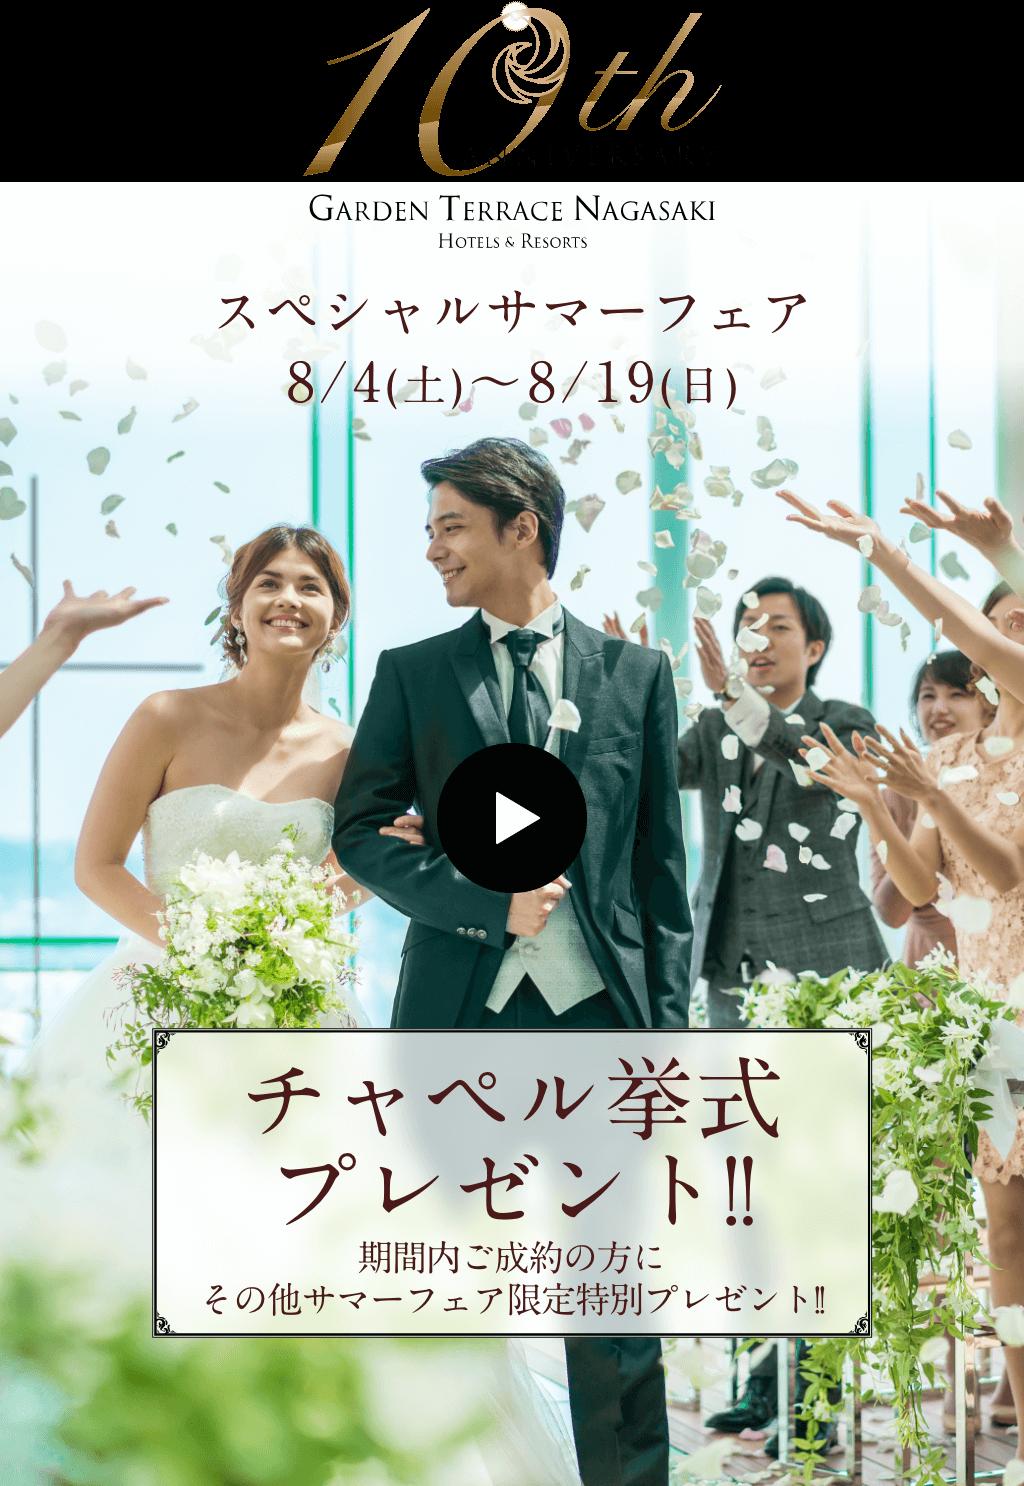 ガーデンテラス長崎ホテル&リゾート結婚式プレゼント